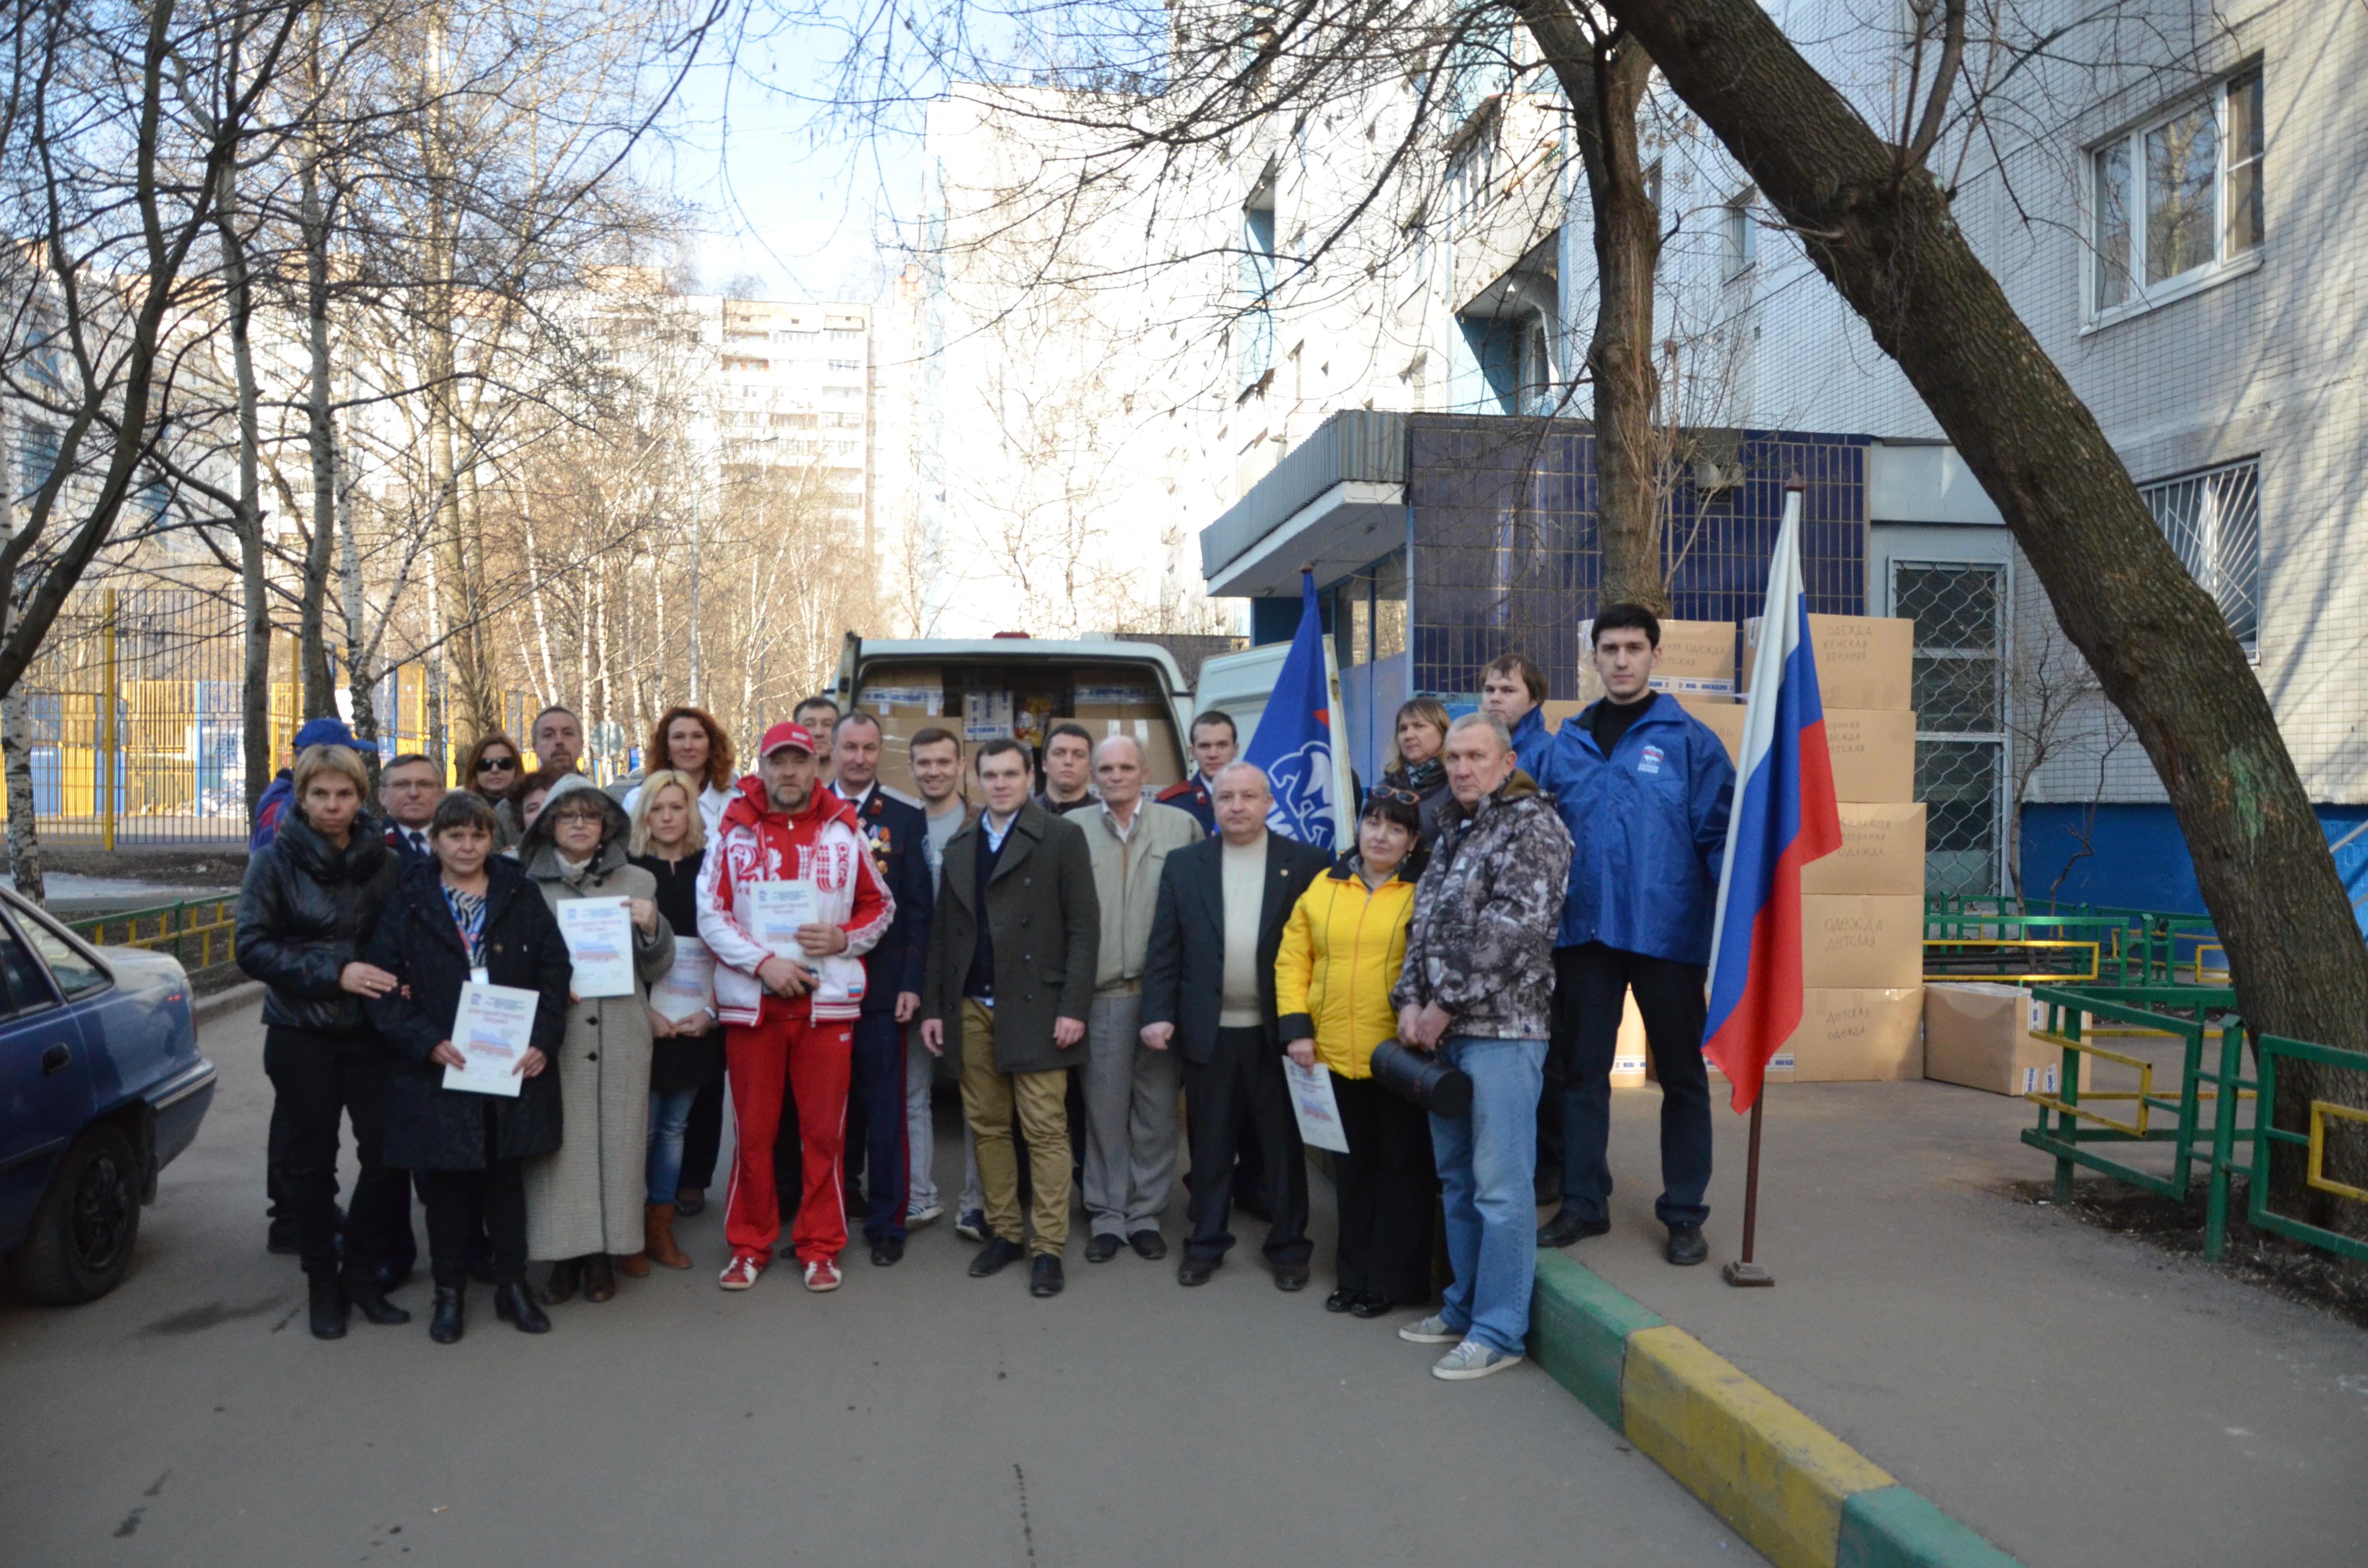 Blagotvoritelnaya-aktsiya-Pomozhem-Donbassu-25